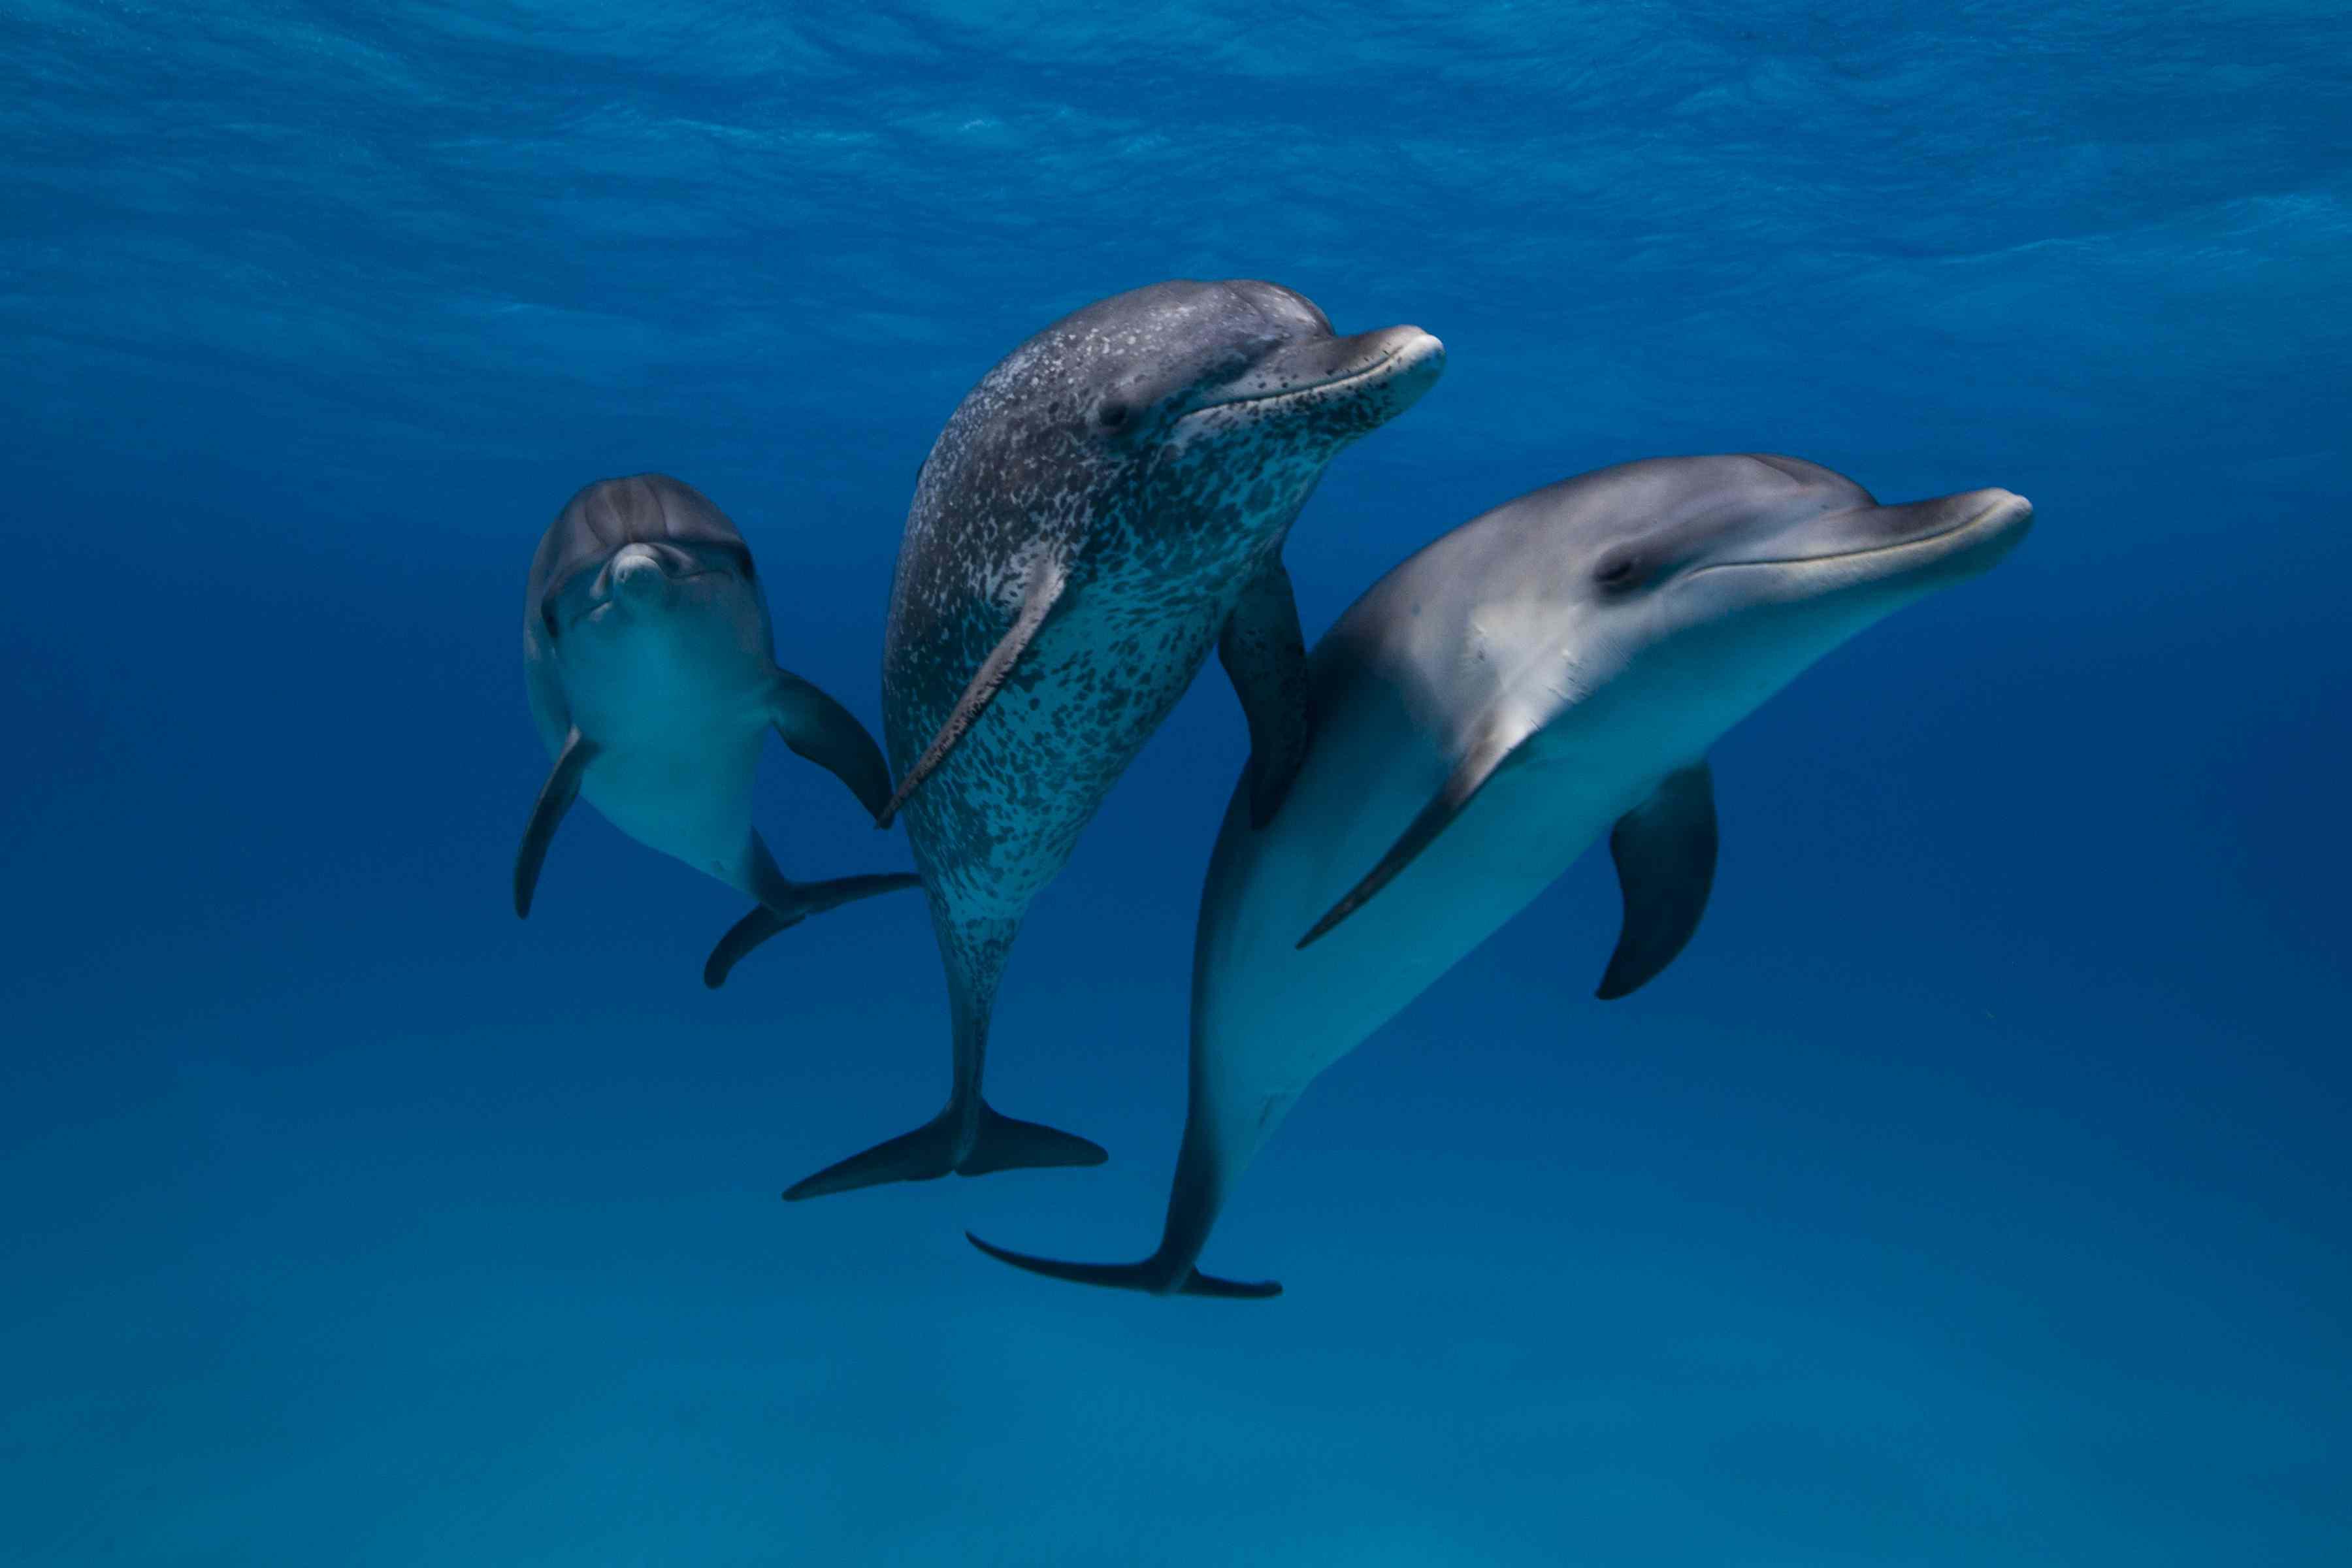 Three dolphins underwater.